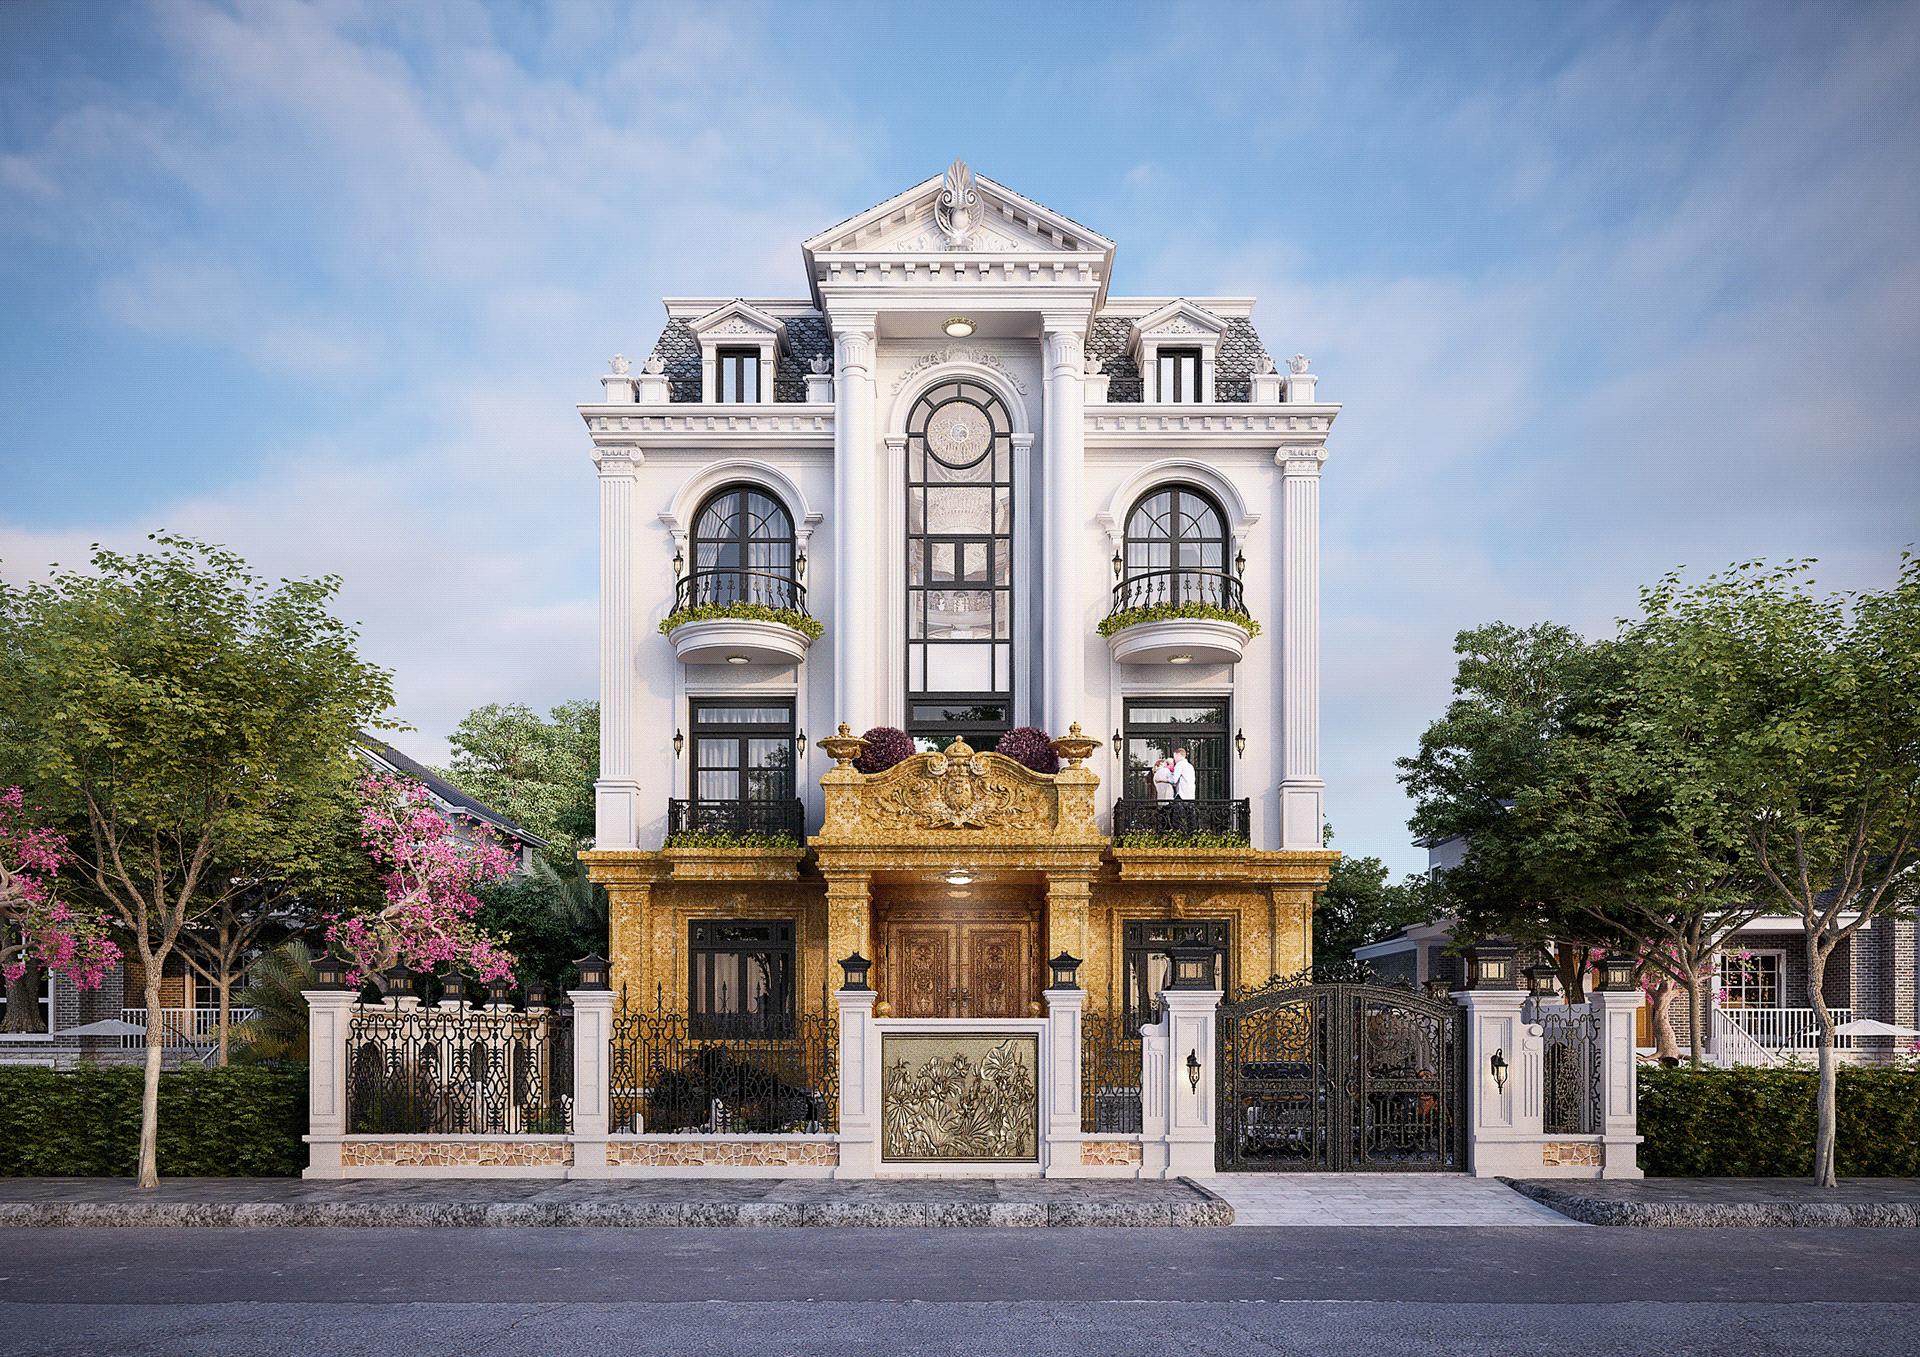 [Giới thiệu] Hình ảnh mẫu thiết kế kiến trúc biệt thự luxury